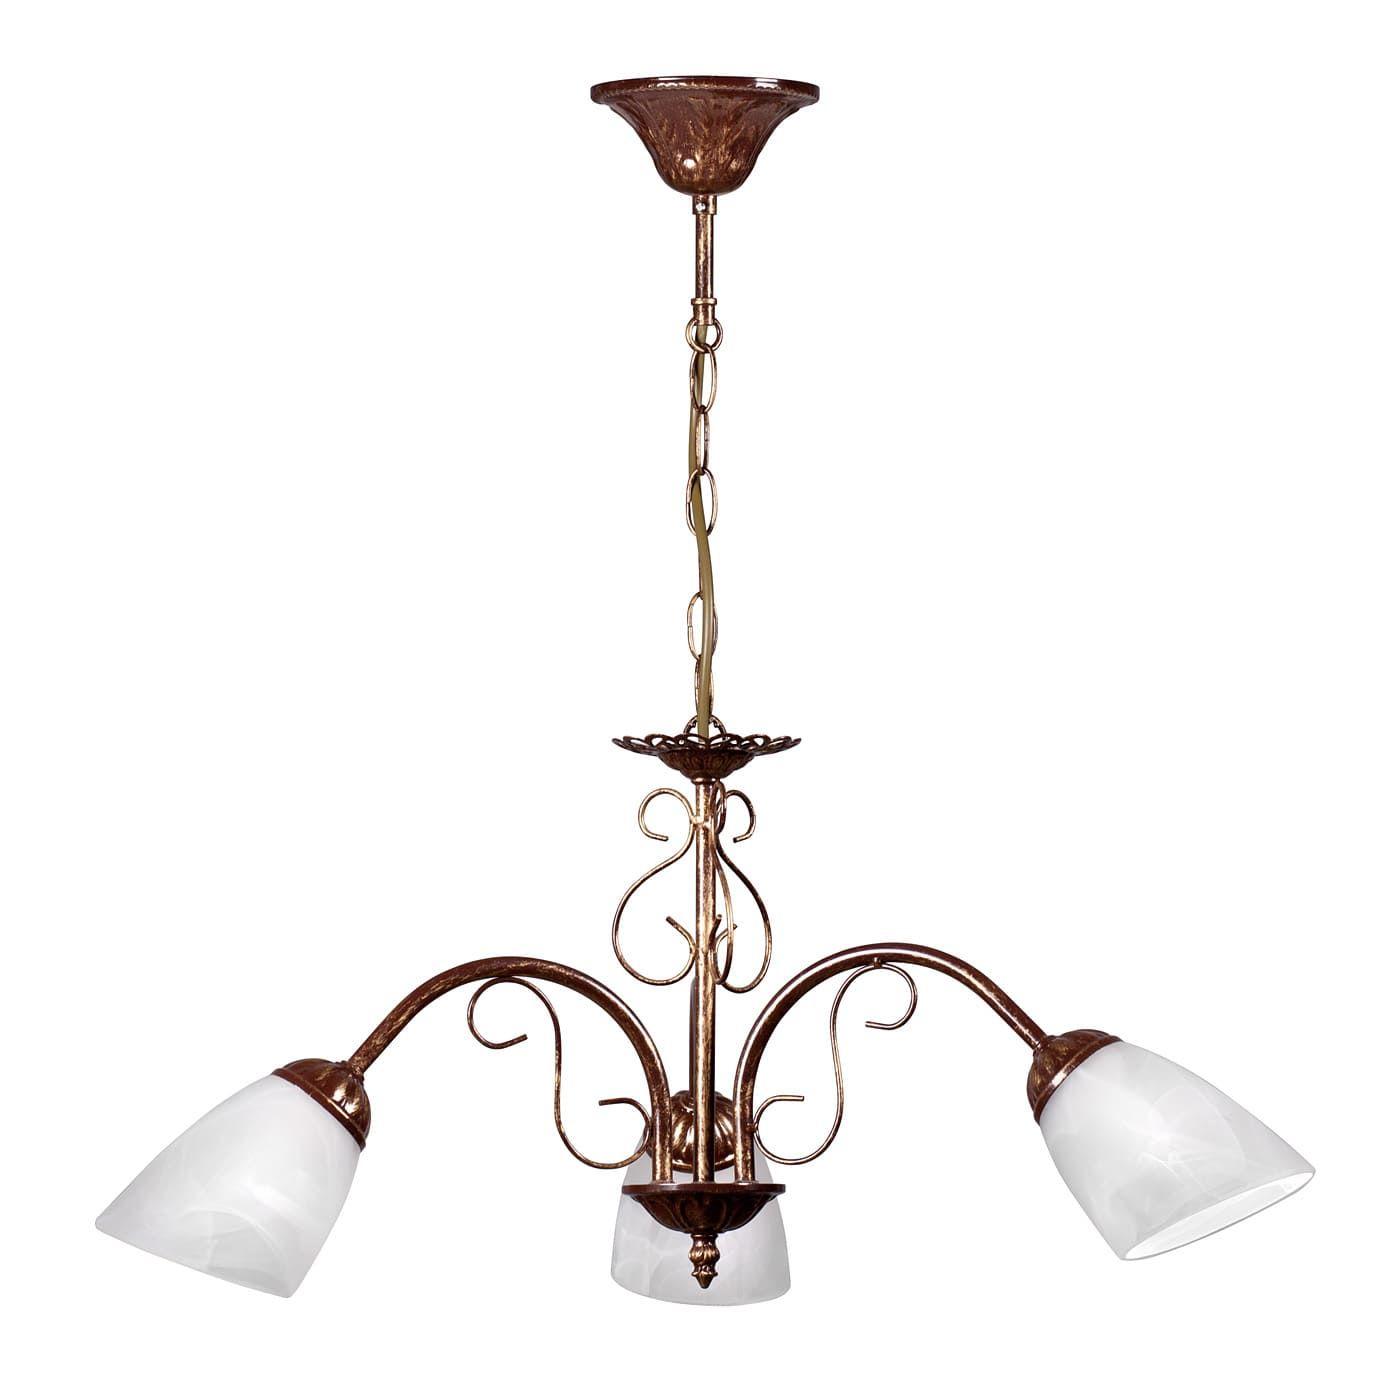 PETRASVET / Suspended chandelier S2198-3, 3xE14 max. 60W